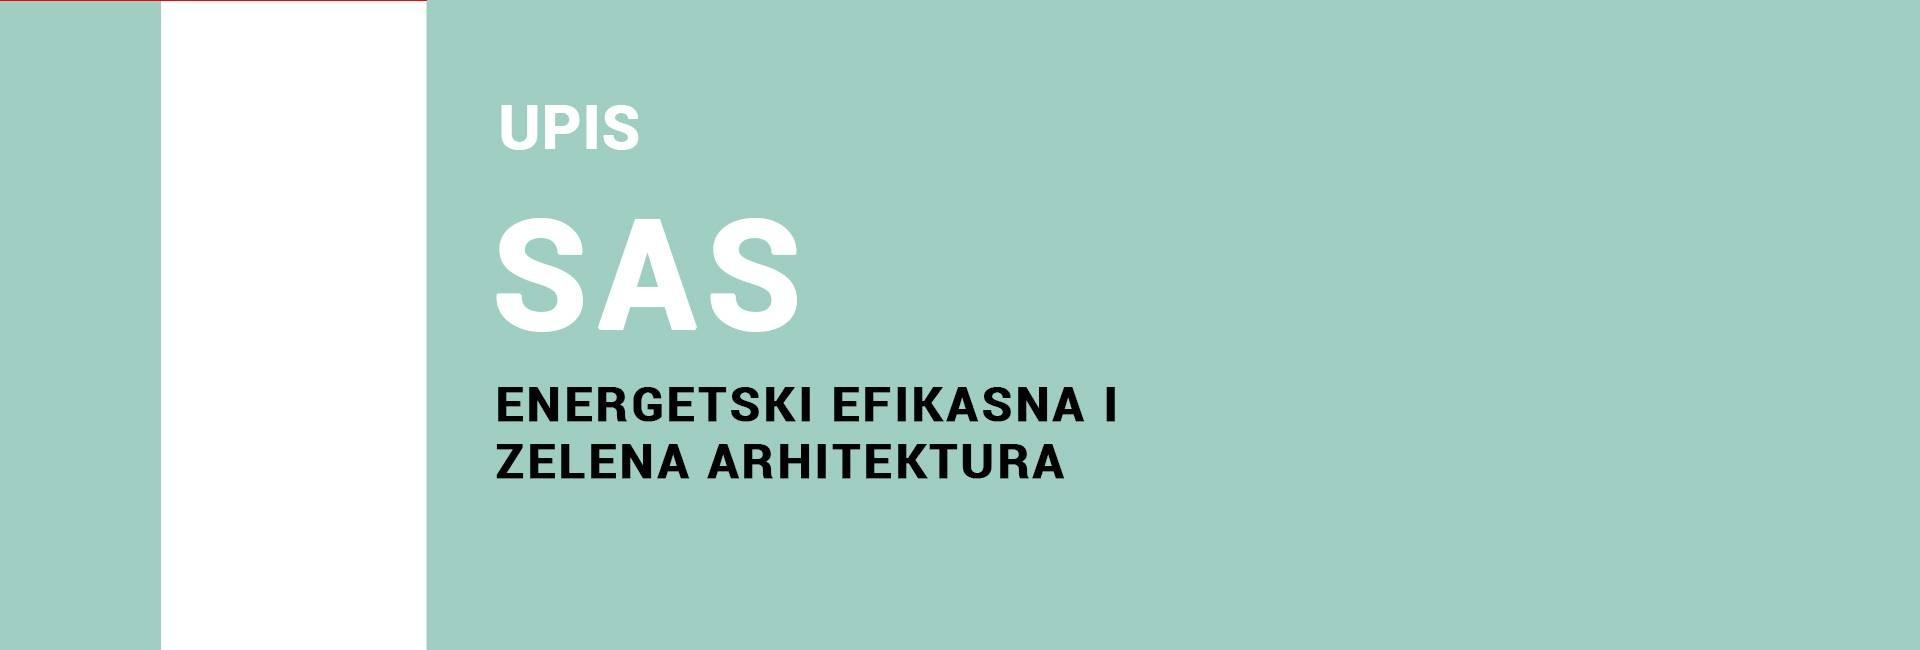 Упис на специјалистичке академске студије – Енергетски ефикасна и зелена архитектура 2021/22